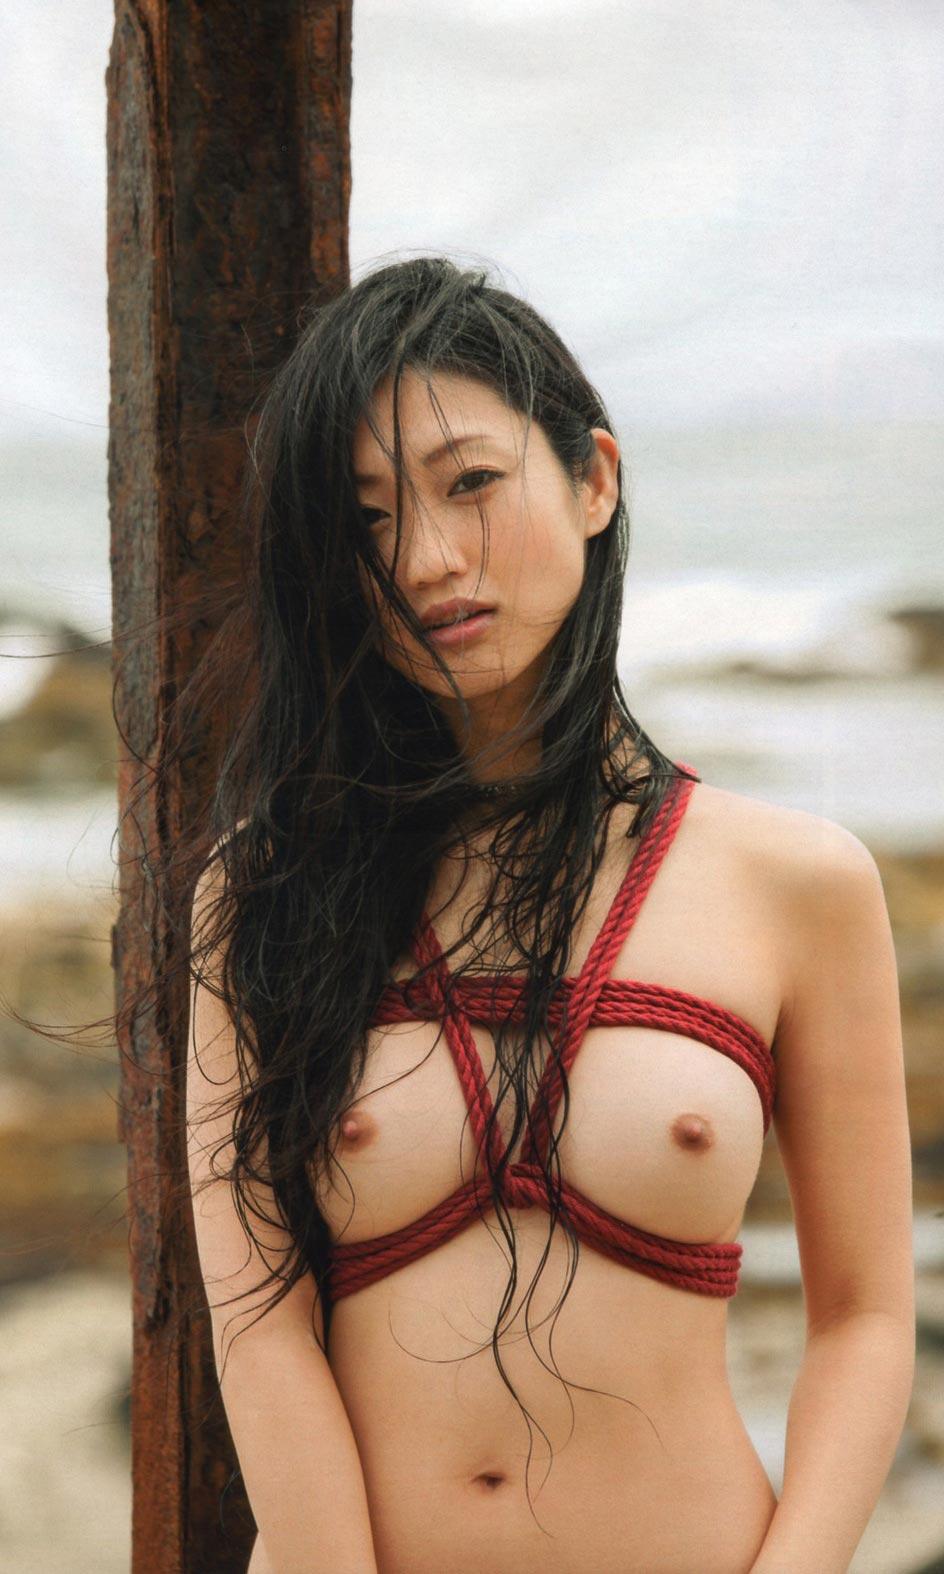 壇蜜 セクシー ヌード おっぱい 乳首 縛り カメラ目線 高画質 エロかわいい画像